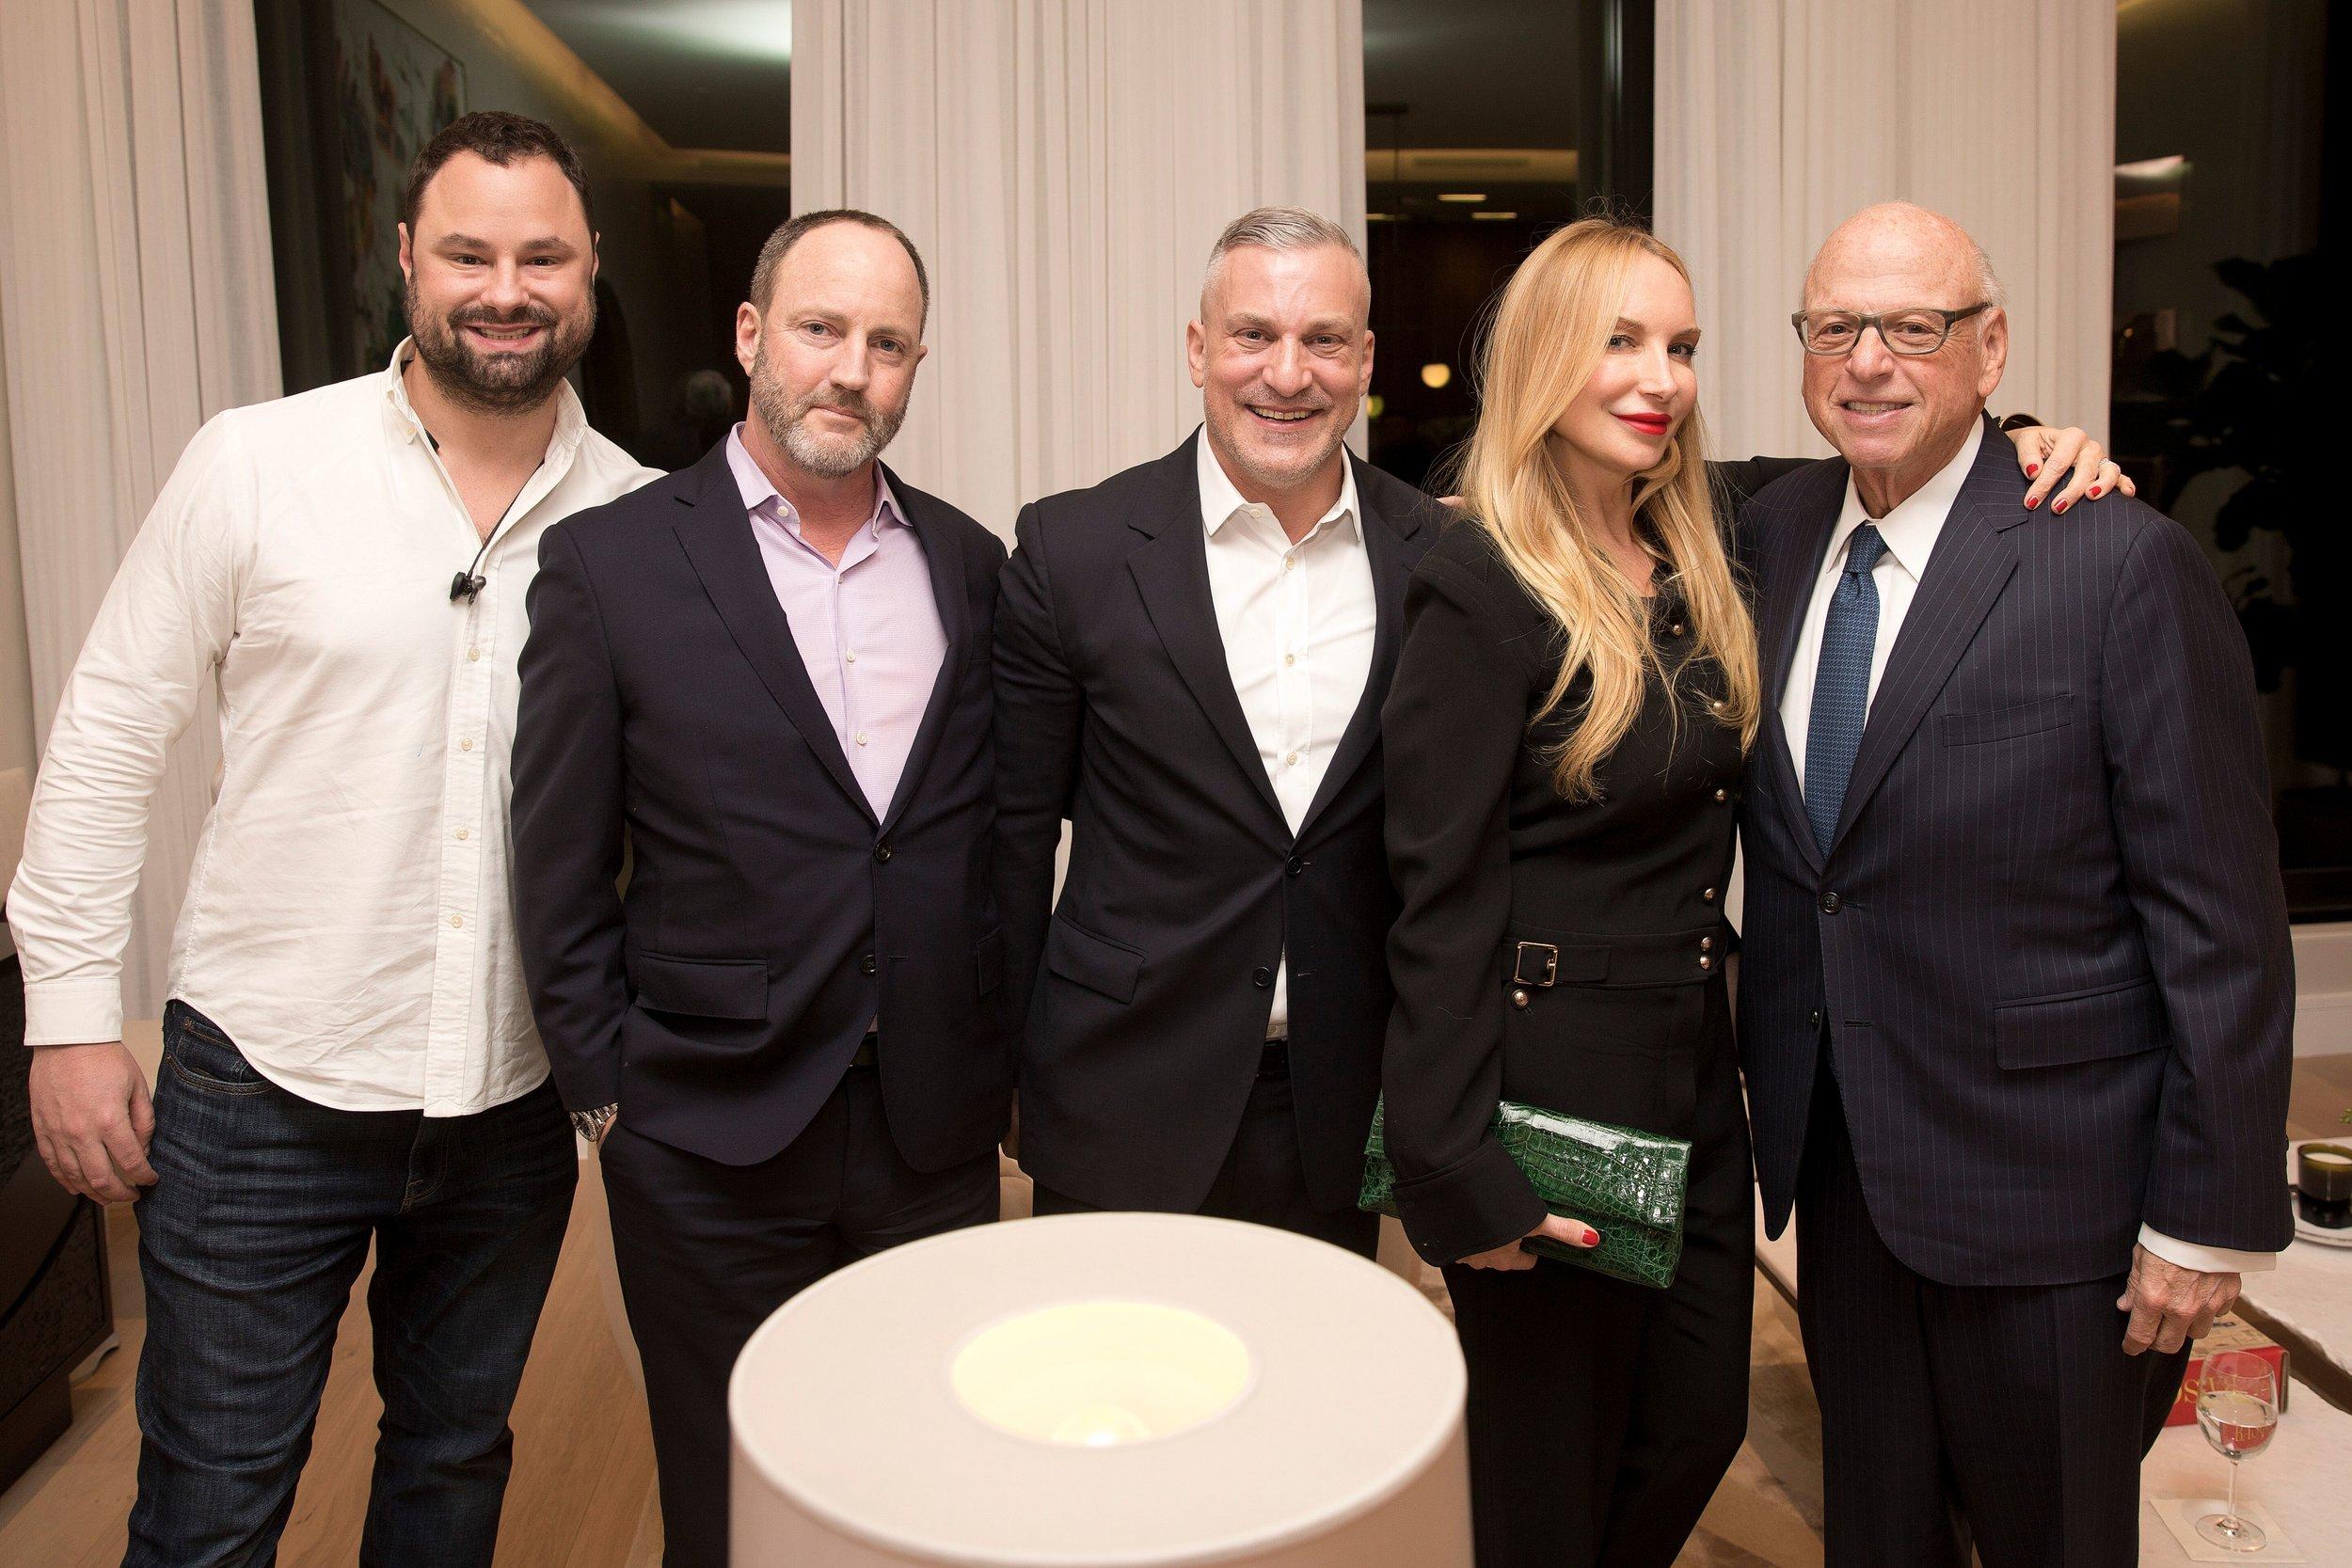 Dan Kaplan, Richard Lam, Brett Wolfe, Nicole Fuller, Howard M. Lorber.  Photo credit: Jason Malihan